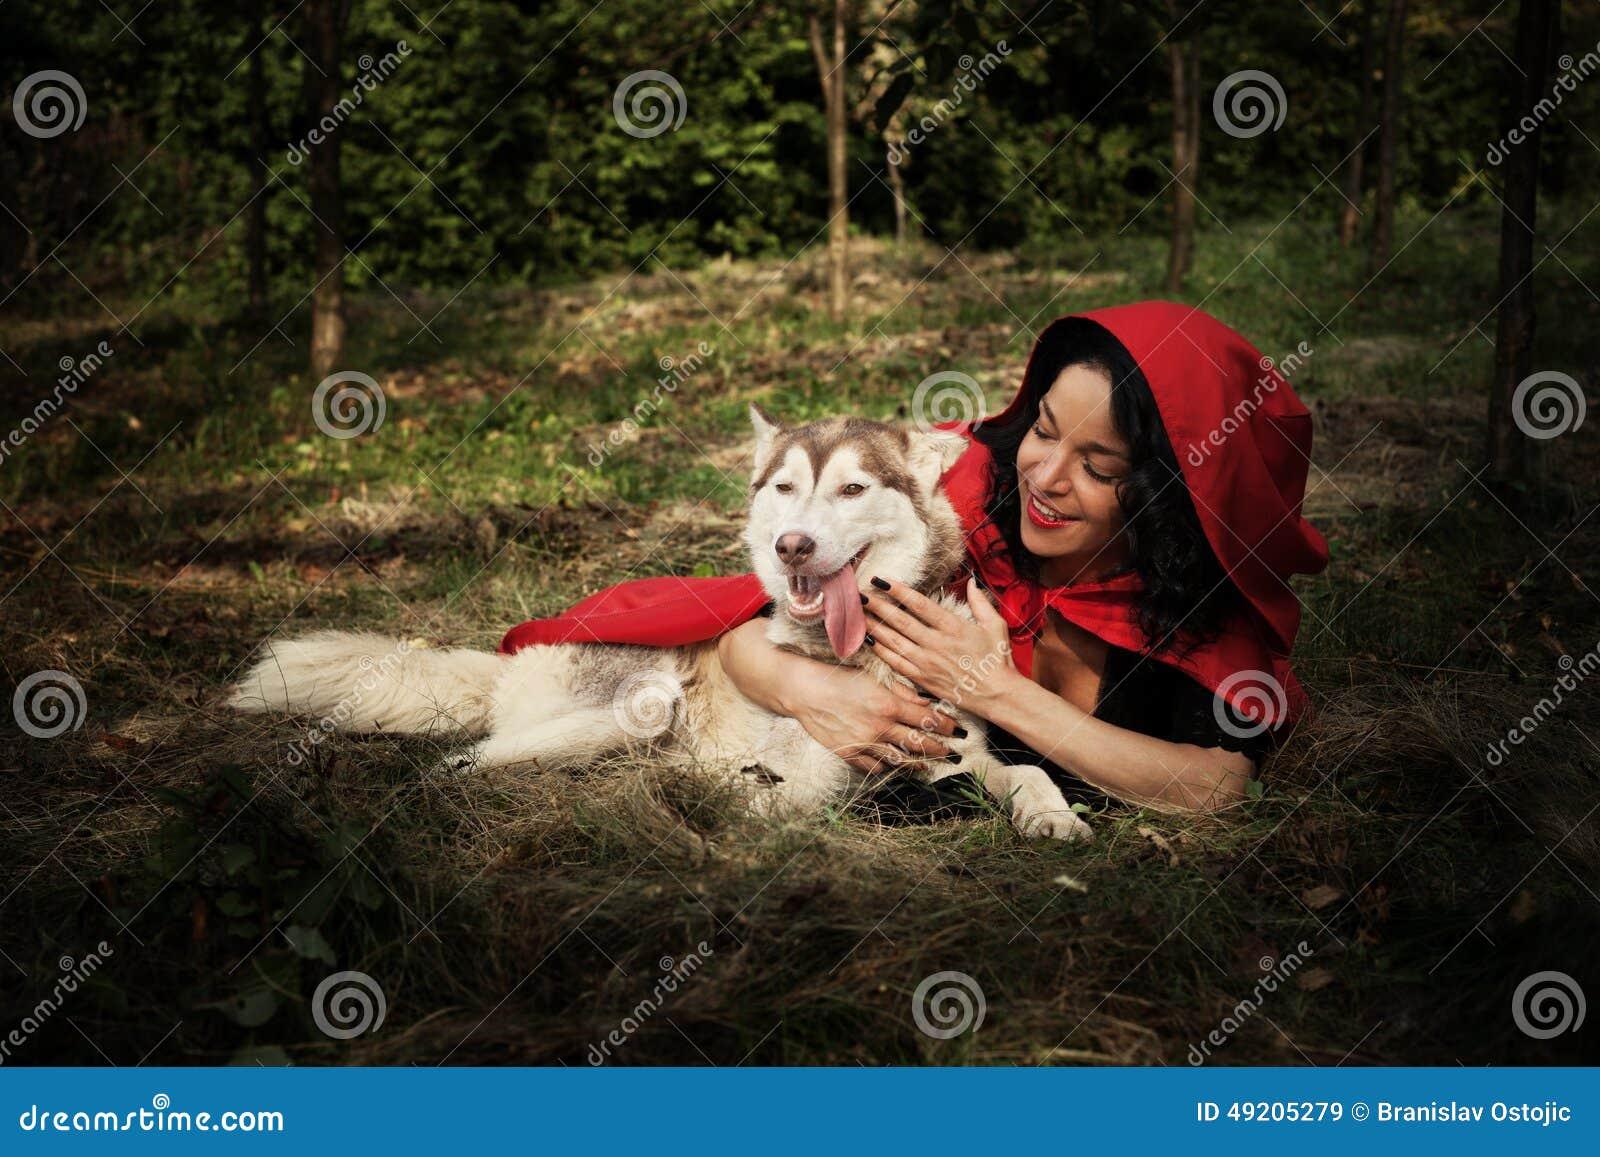 rotkäppchen und der wolf stockbild bild von hunde